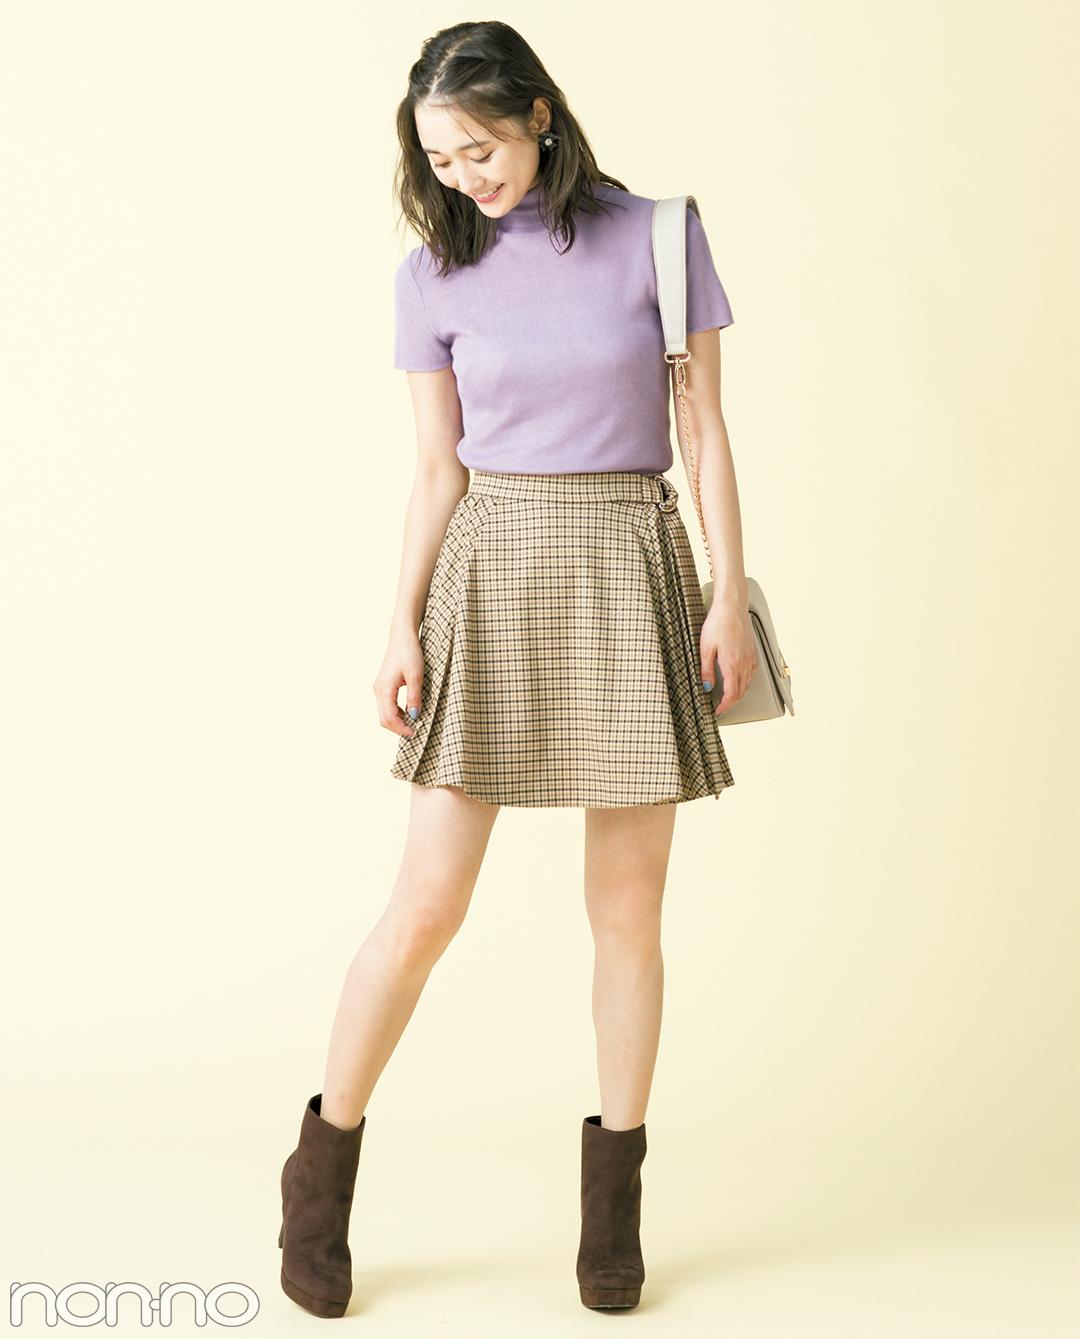 秋の最新★グレンチェックのひざ上スカート、大人っぽコーデ3選!_1_1-3